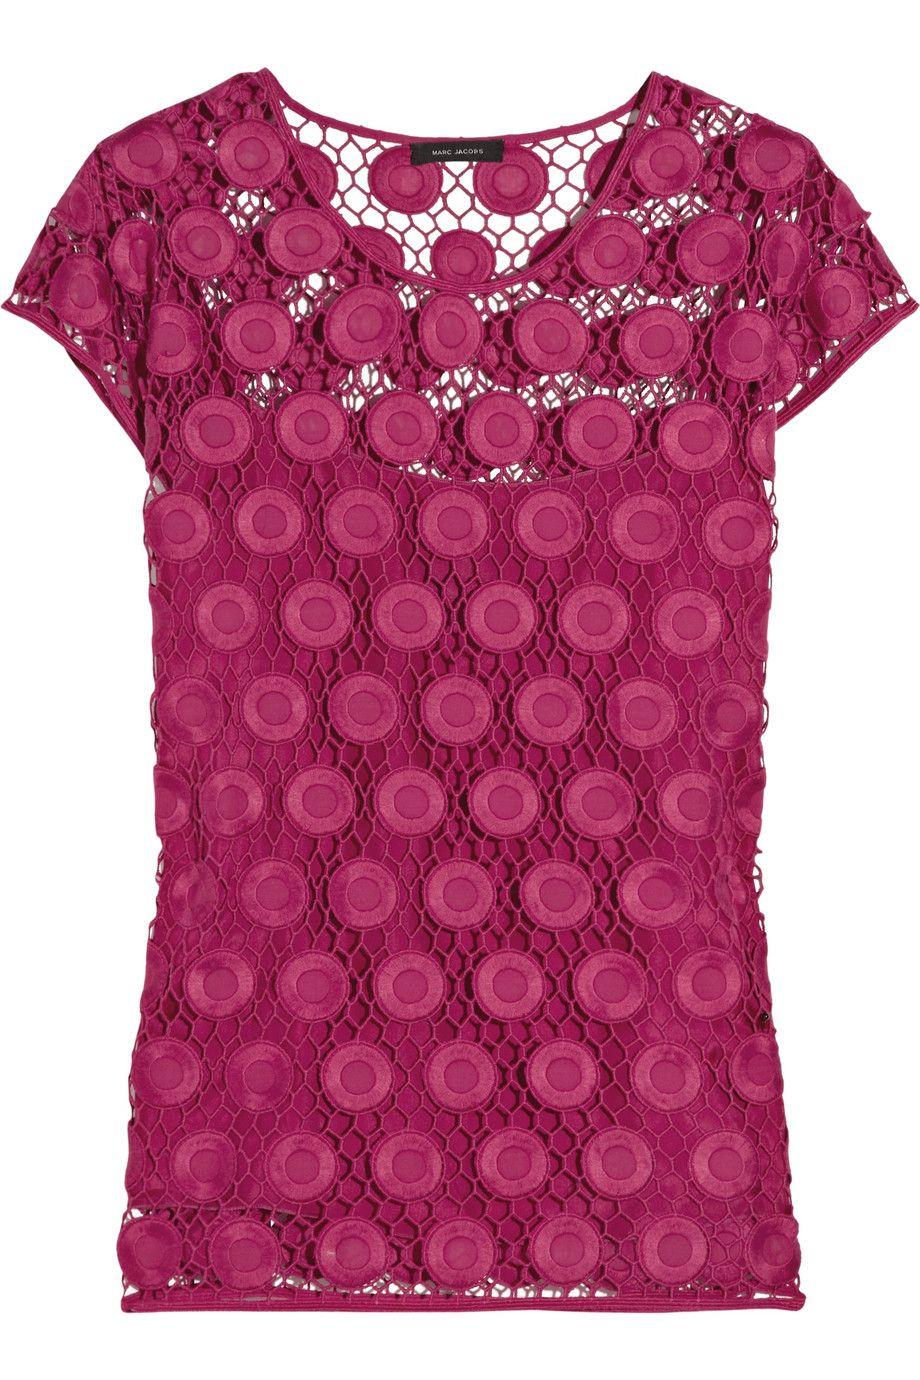 MARC JACOBS  Appliquéd honeycomb-knit cotton top